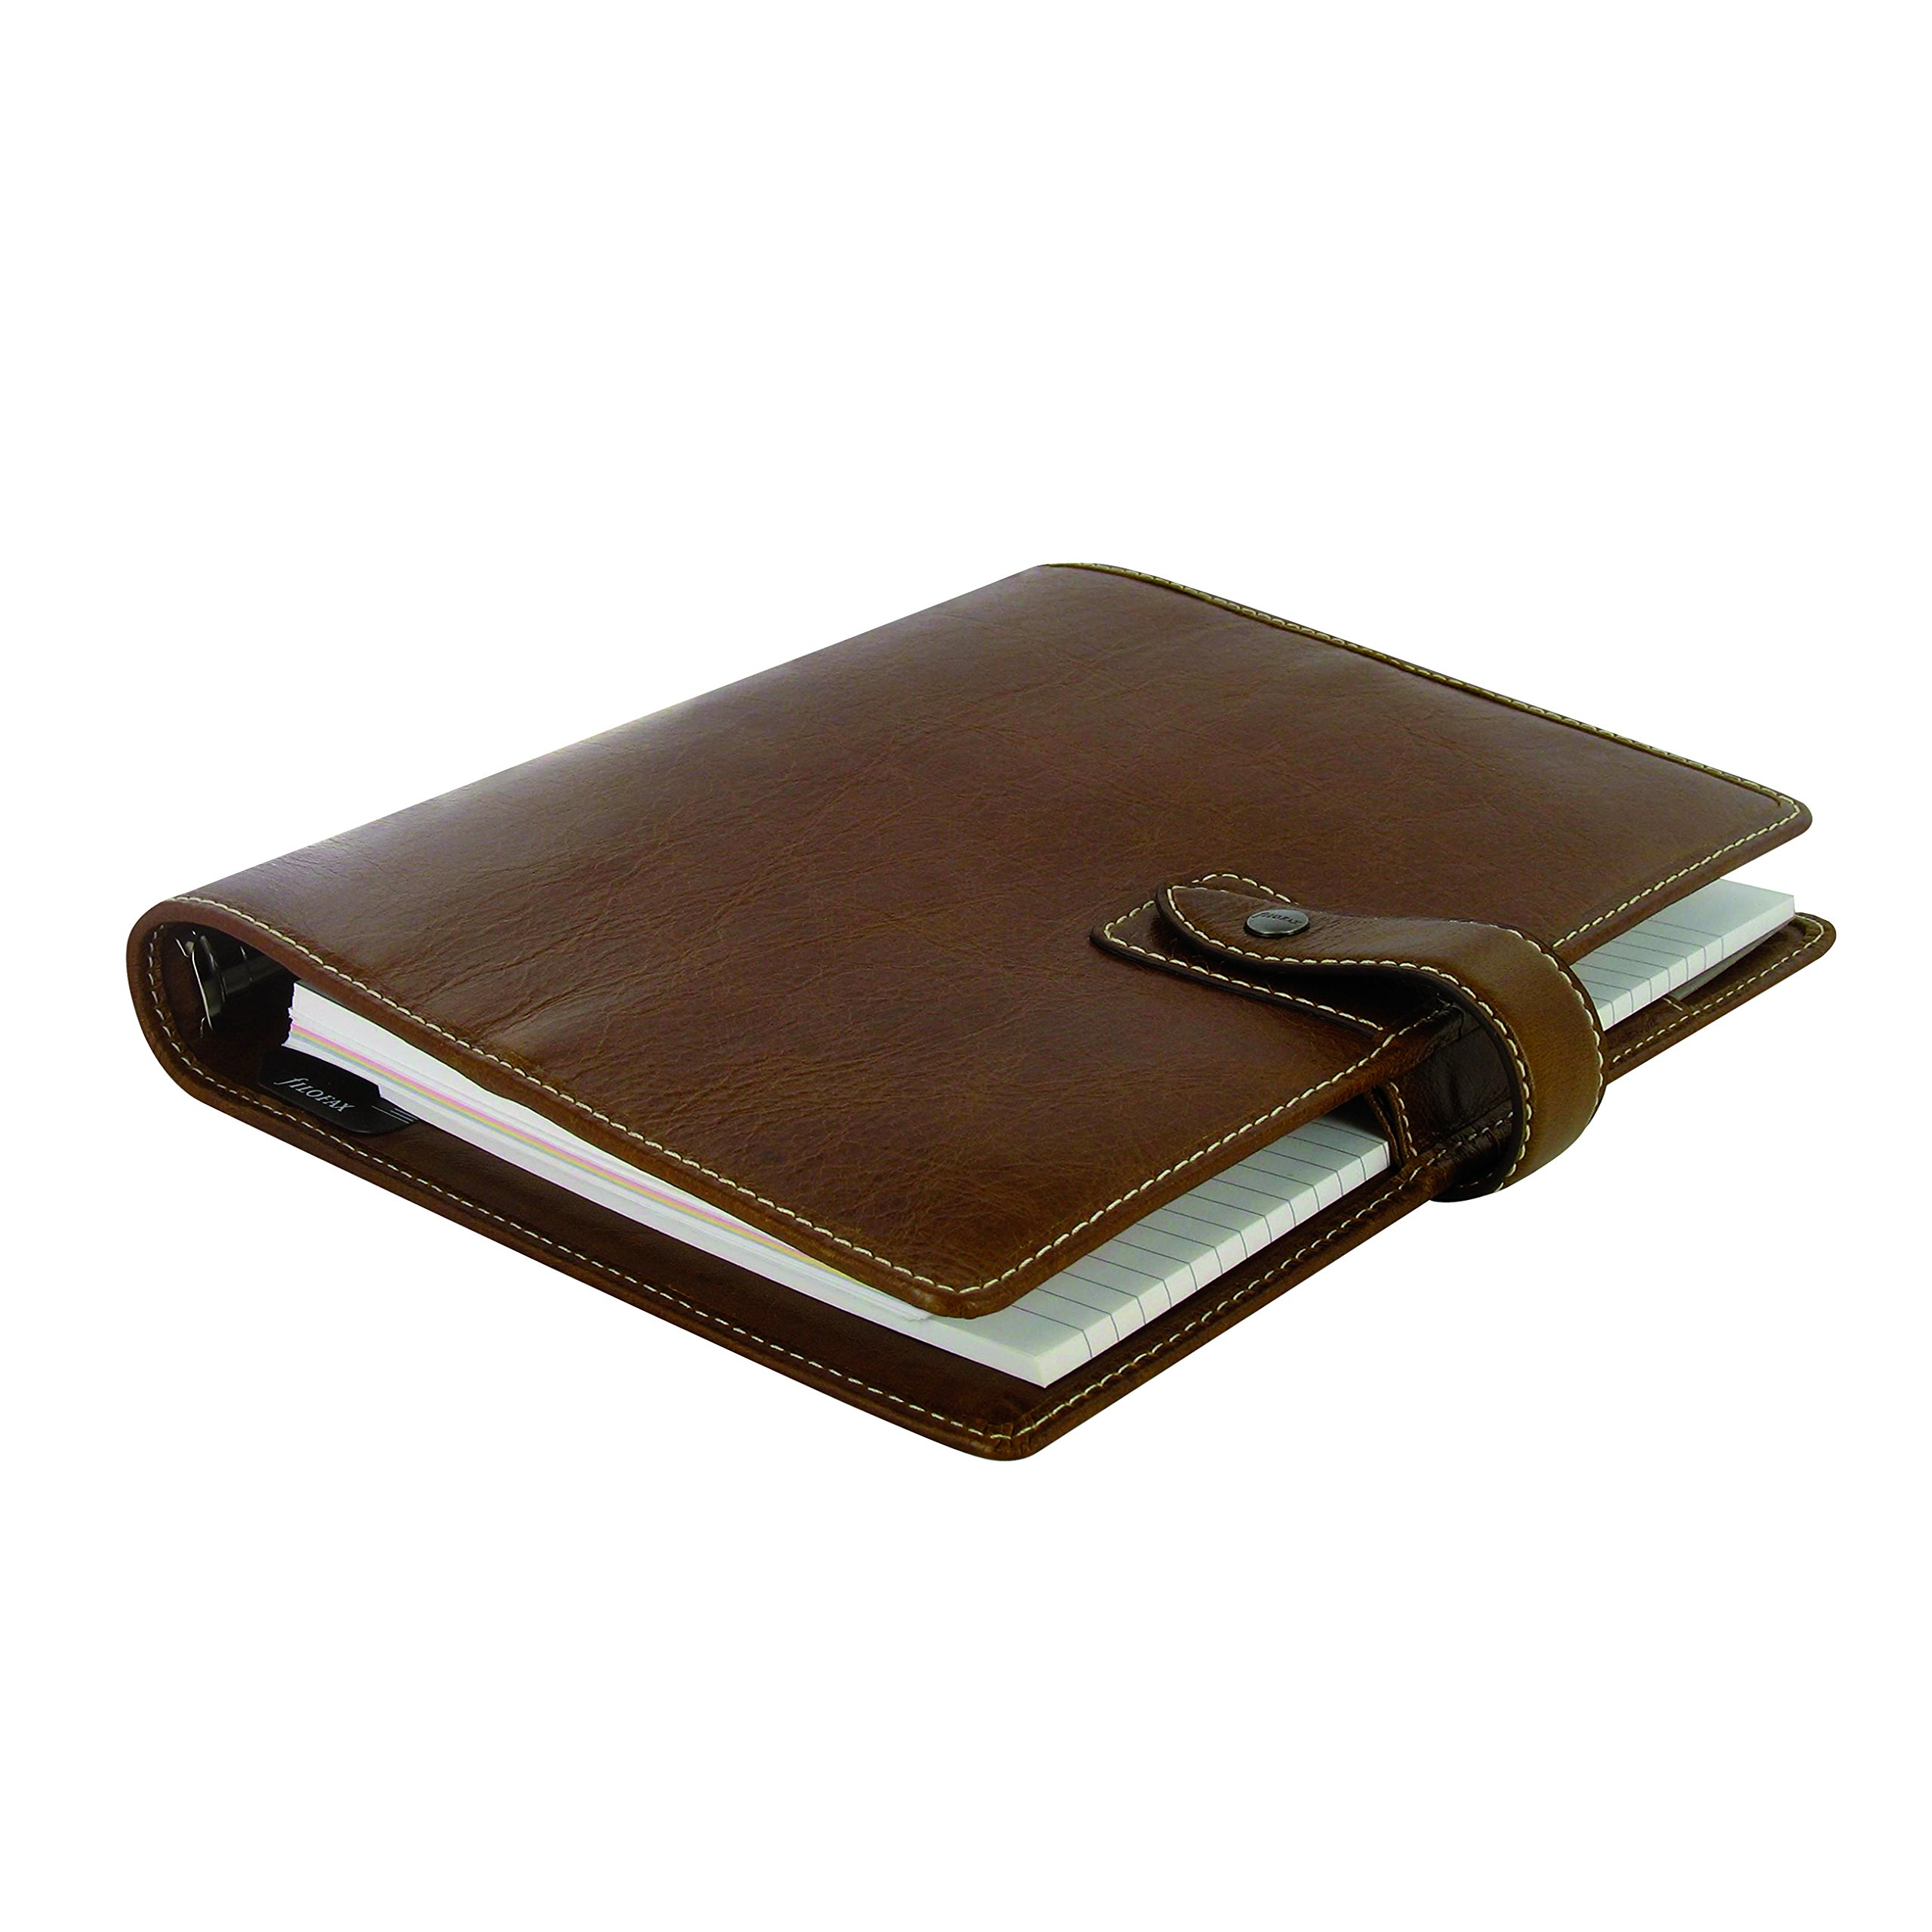 Filofax A5 Malden Organizer, Leather, Ochre, 8.25 x 5.75 (C025847-2019) by Filofax (Image #1)